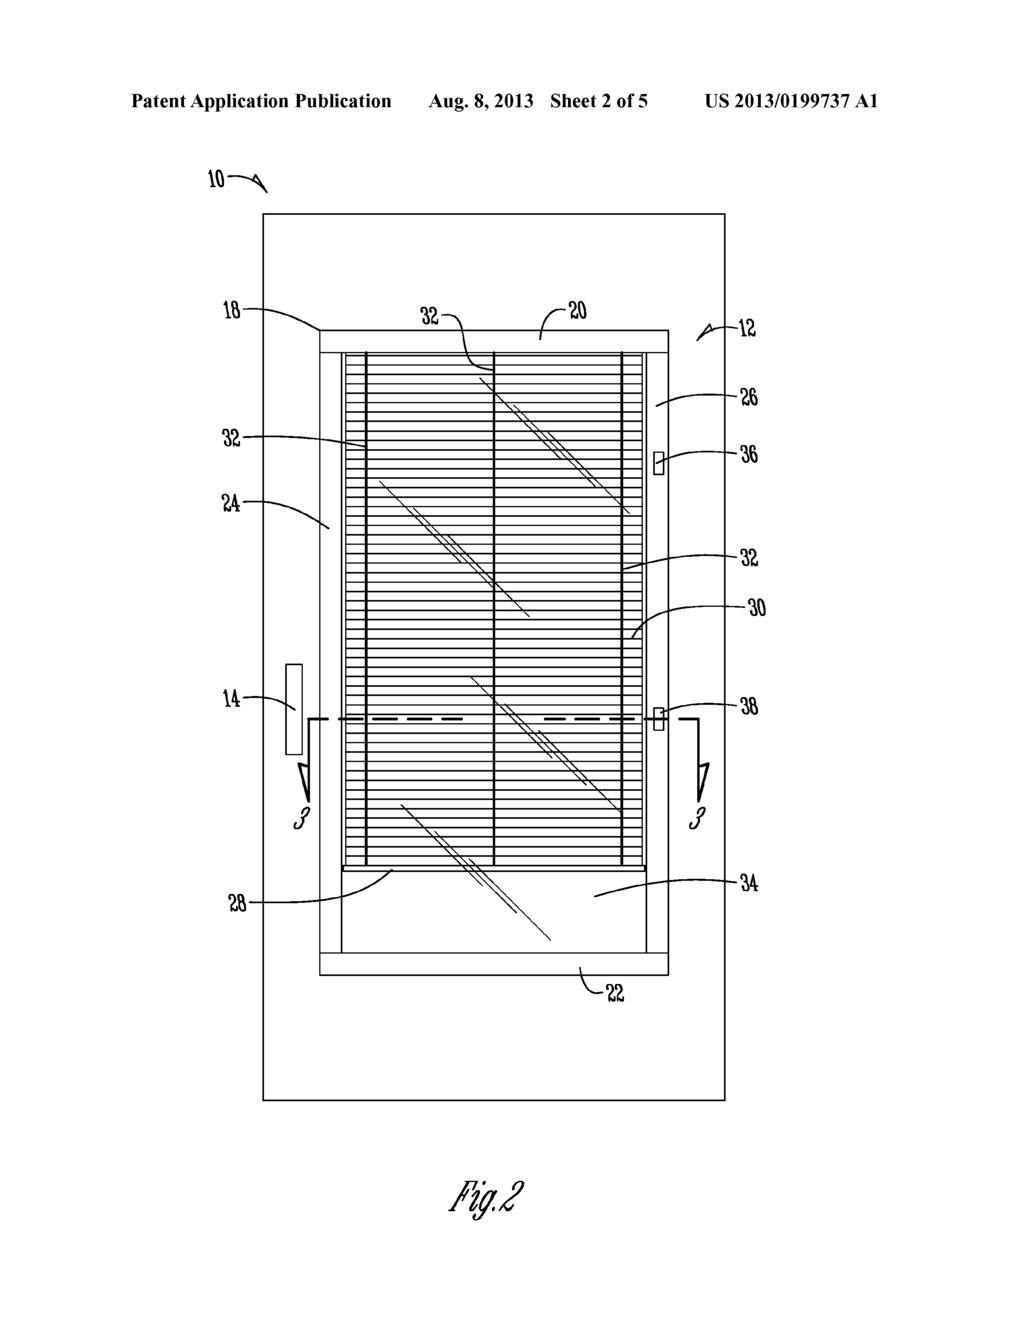 BLINDS-BETWEEN-GLASS WINDOW WITH THERMAL BREAK - diagram, schematic